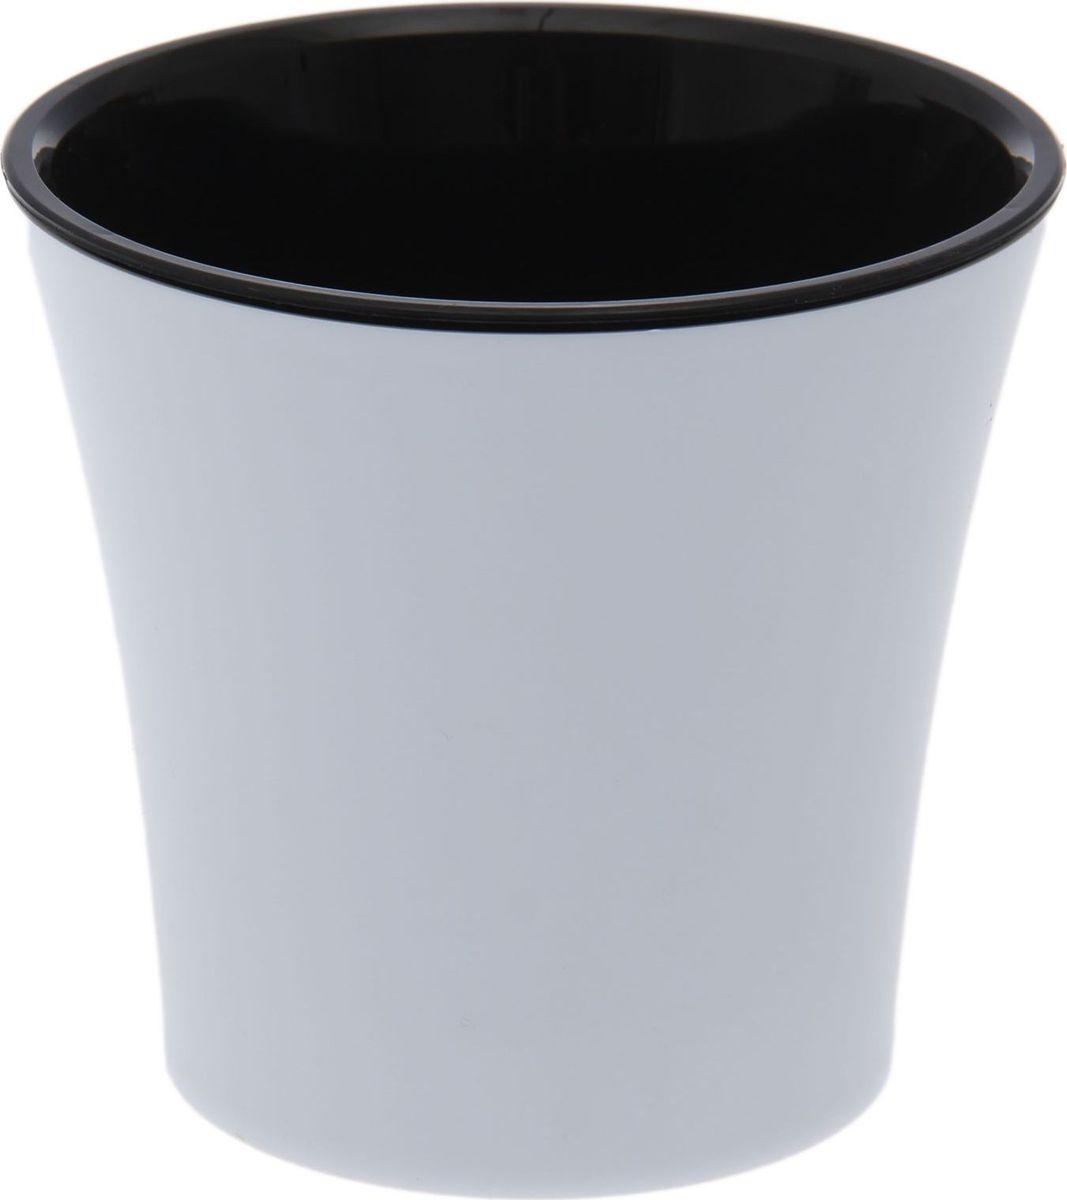 Горшок для цветов Santino Арте, цвет: белый, черный, 0,6 л1510706Горшок Santino Арте, выполненный из высококачественного пластика, предназначен для выращивания комнатных цветов, растений и трав. Специальная конструкция обеспечивает вентиляцию в корневой системе растения, а дренажные отверстия позволяют выходить лишней влаге из почвы. Такой горшок порадует вас современным дизайном и функциональностью, а также оригинально украсит интерьер любого помещения. Размеры внутреннего вкладыша - высота 10 см, верхний диаметр - 11 см, нижний - 8 см.